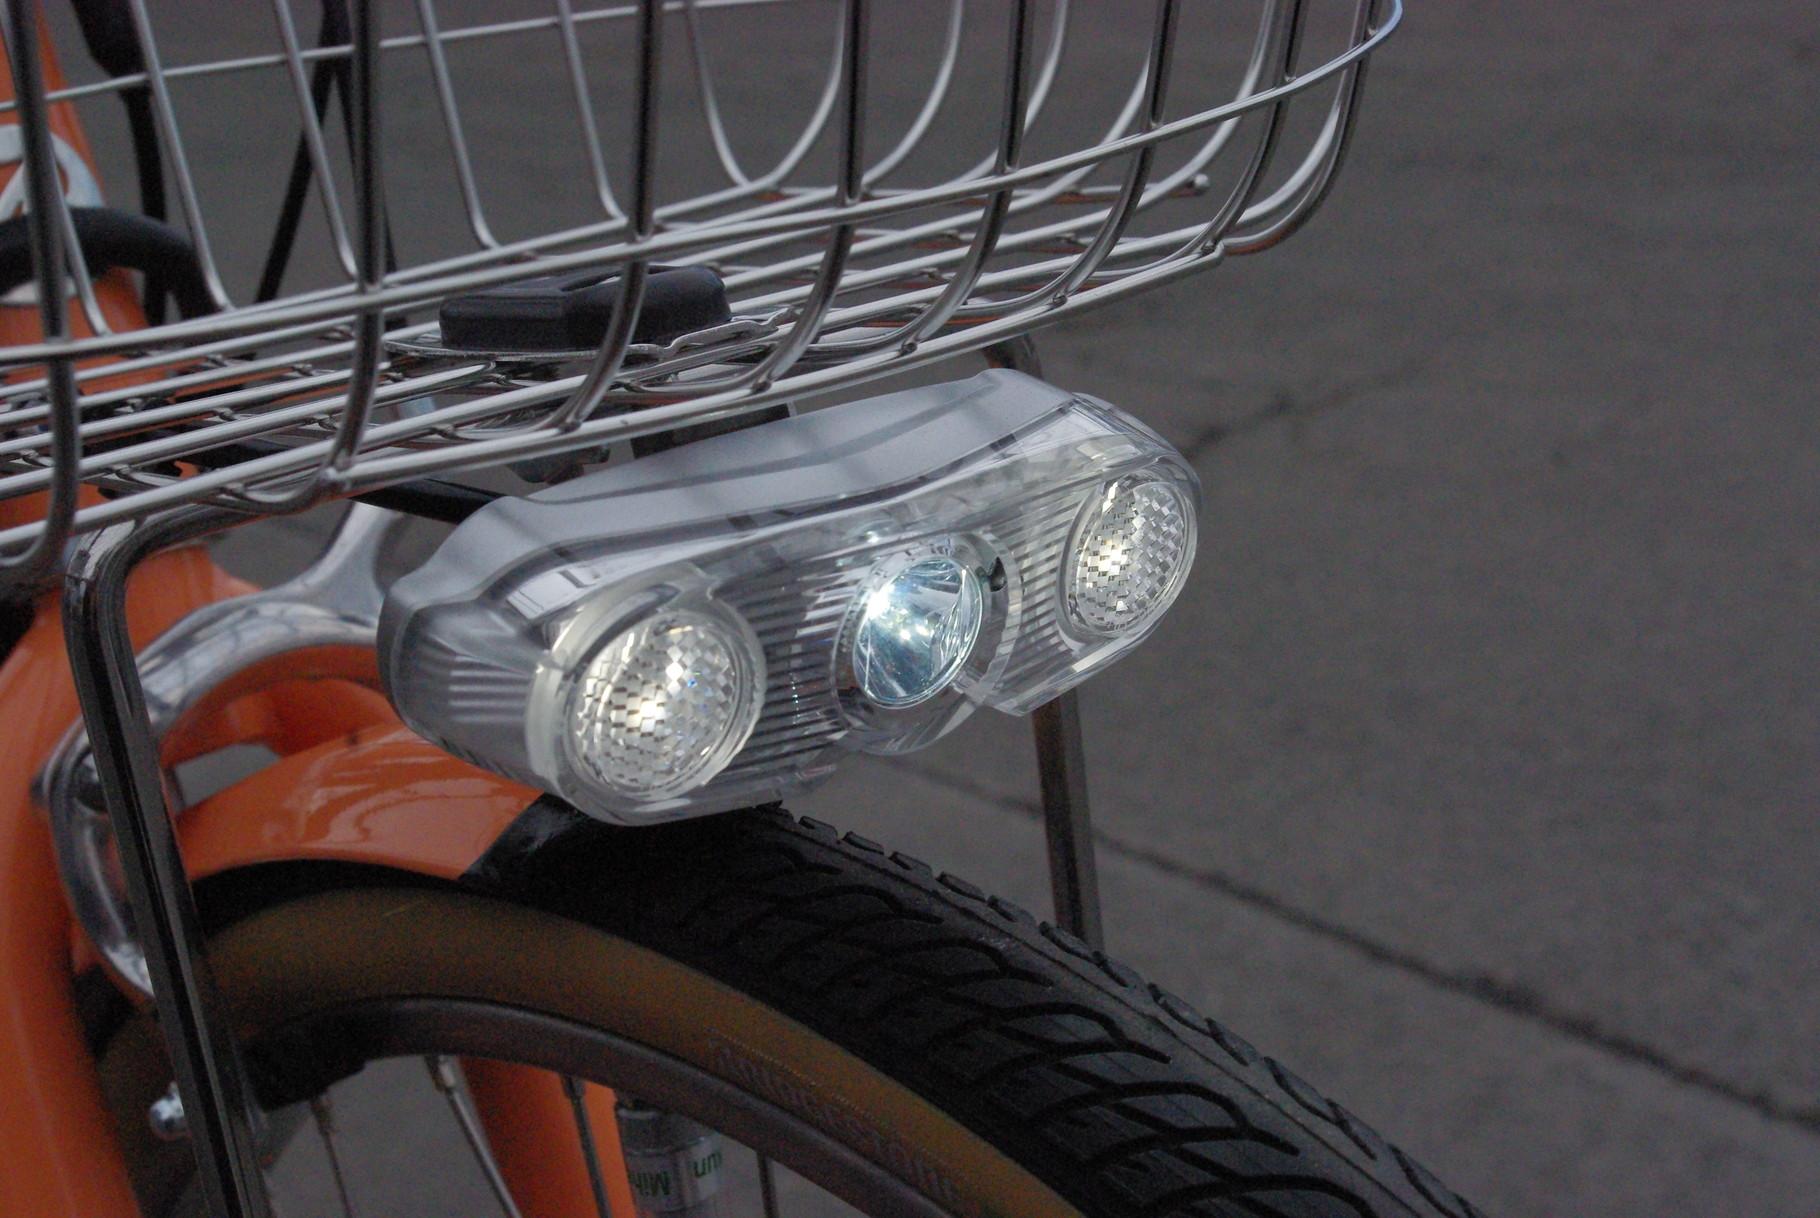 『ワイドスーパー・パワーバッテリーランプ』搭載。超高輝度LEDは前方はもちろん、足元まで広範囲を照らす最新型。さらに側面ライトも装備し、横方向からの視認性も抜群です。